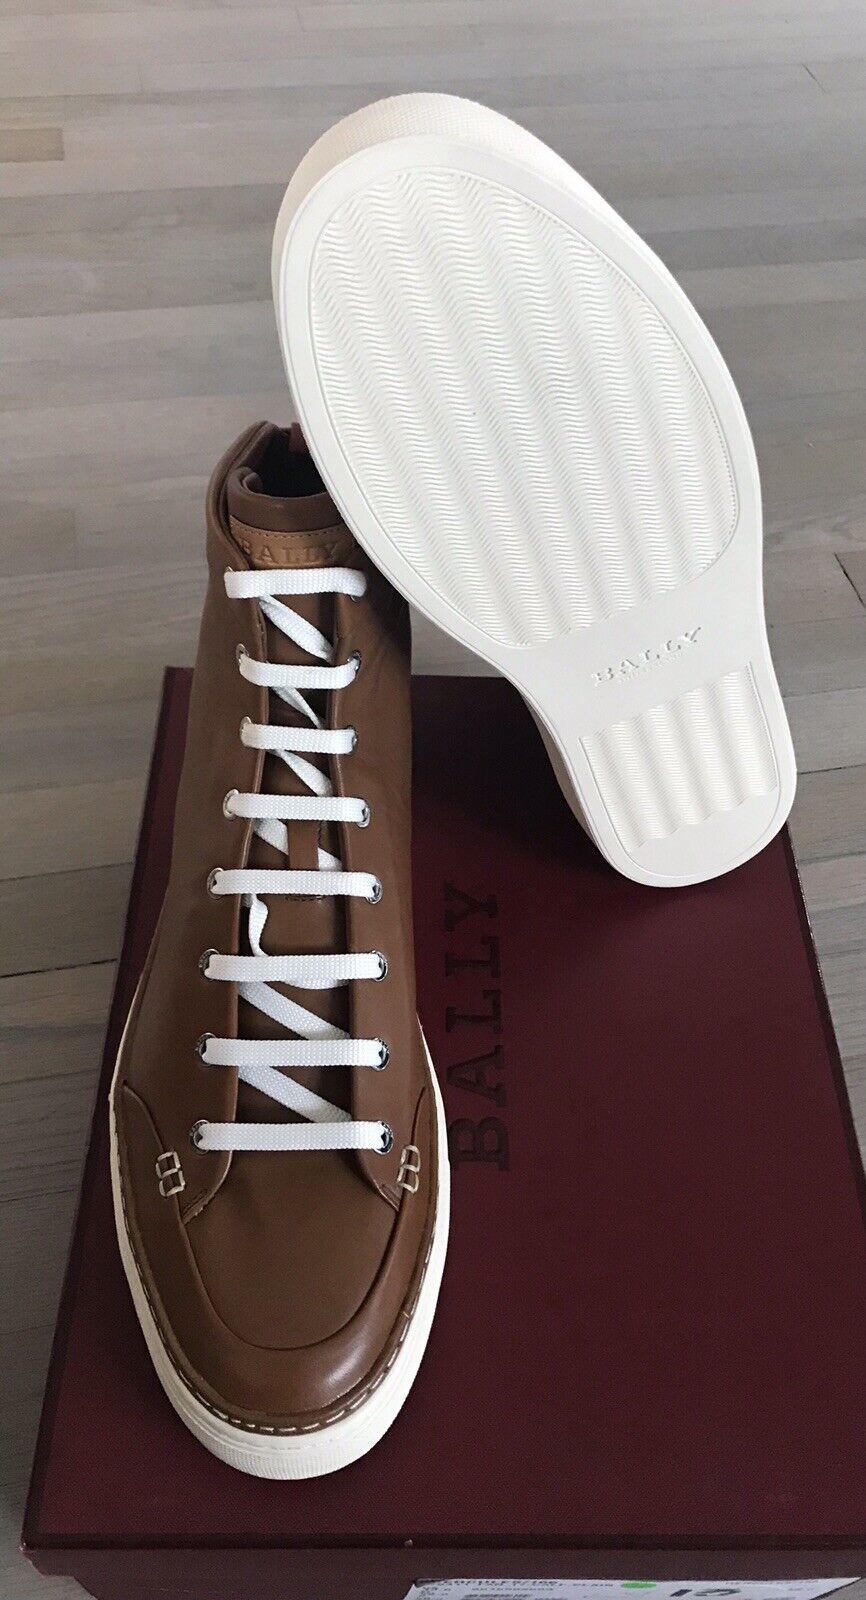 680  Bally Hercules khaki Leather High Tops scarpe da da da ginnastica Dimensione US 13 1d28e6